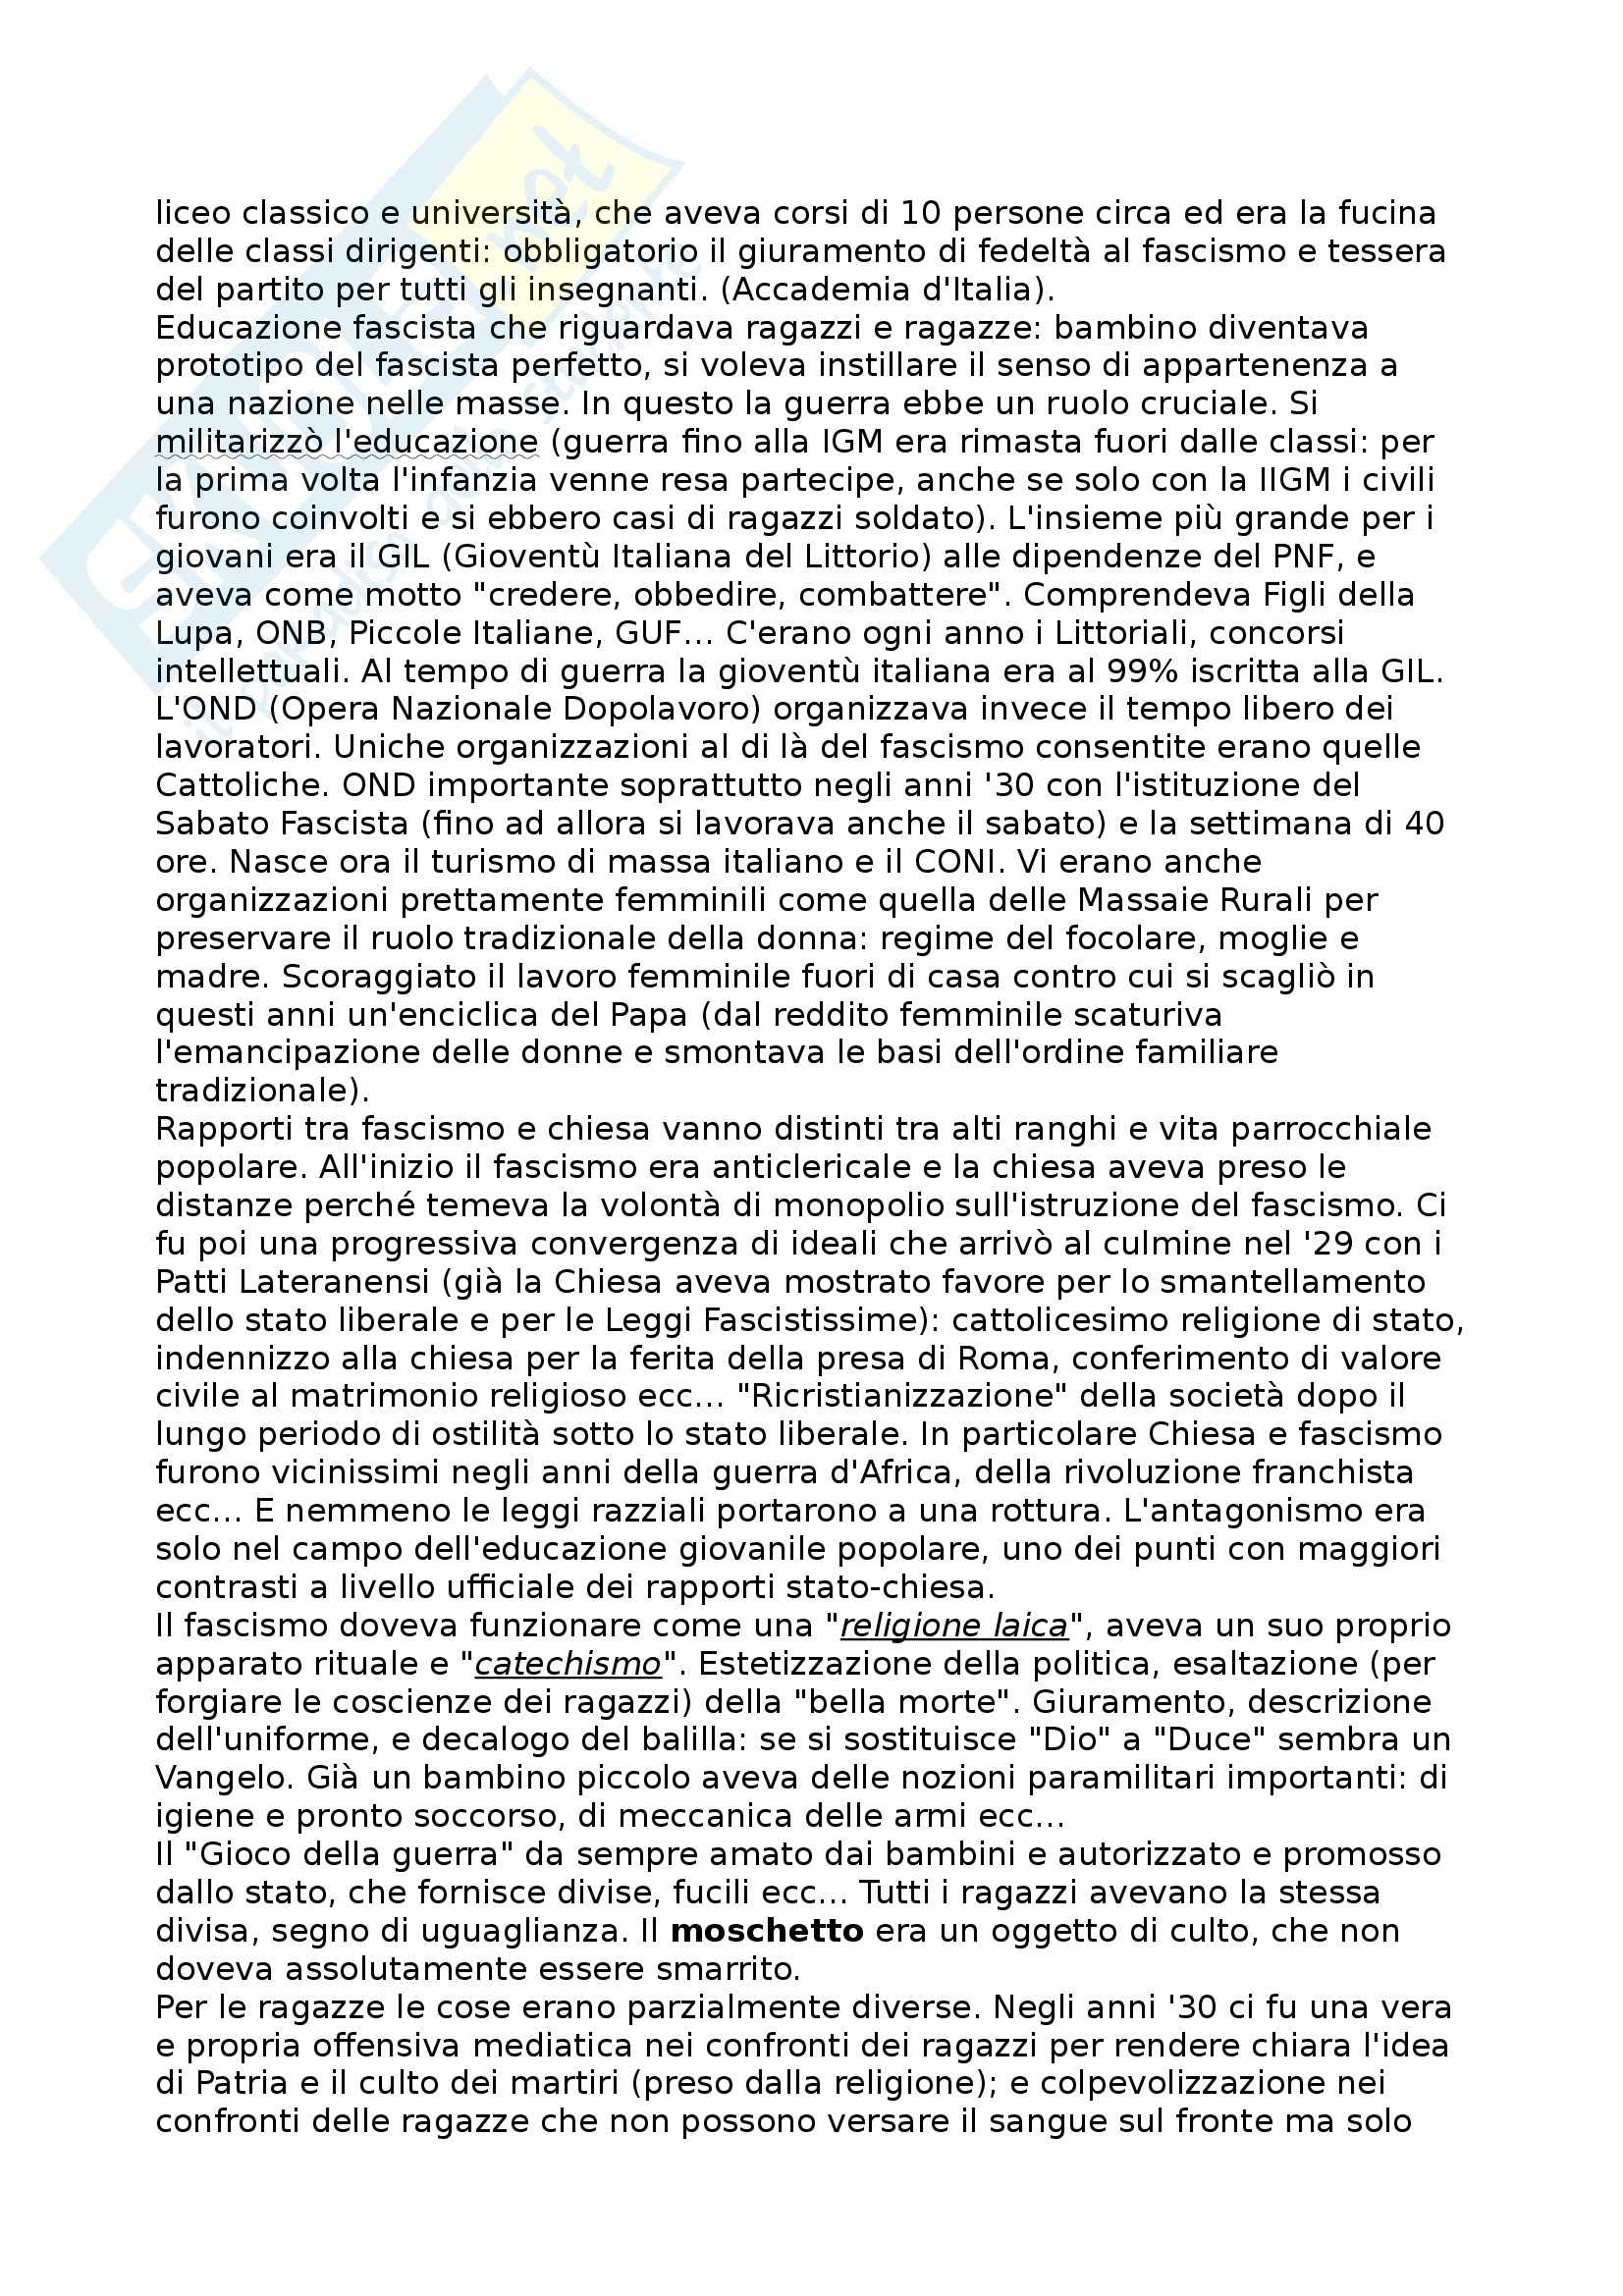 La Presa di Macallè, Camilleri - Commento, prof. Novelli Pag. 2